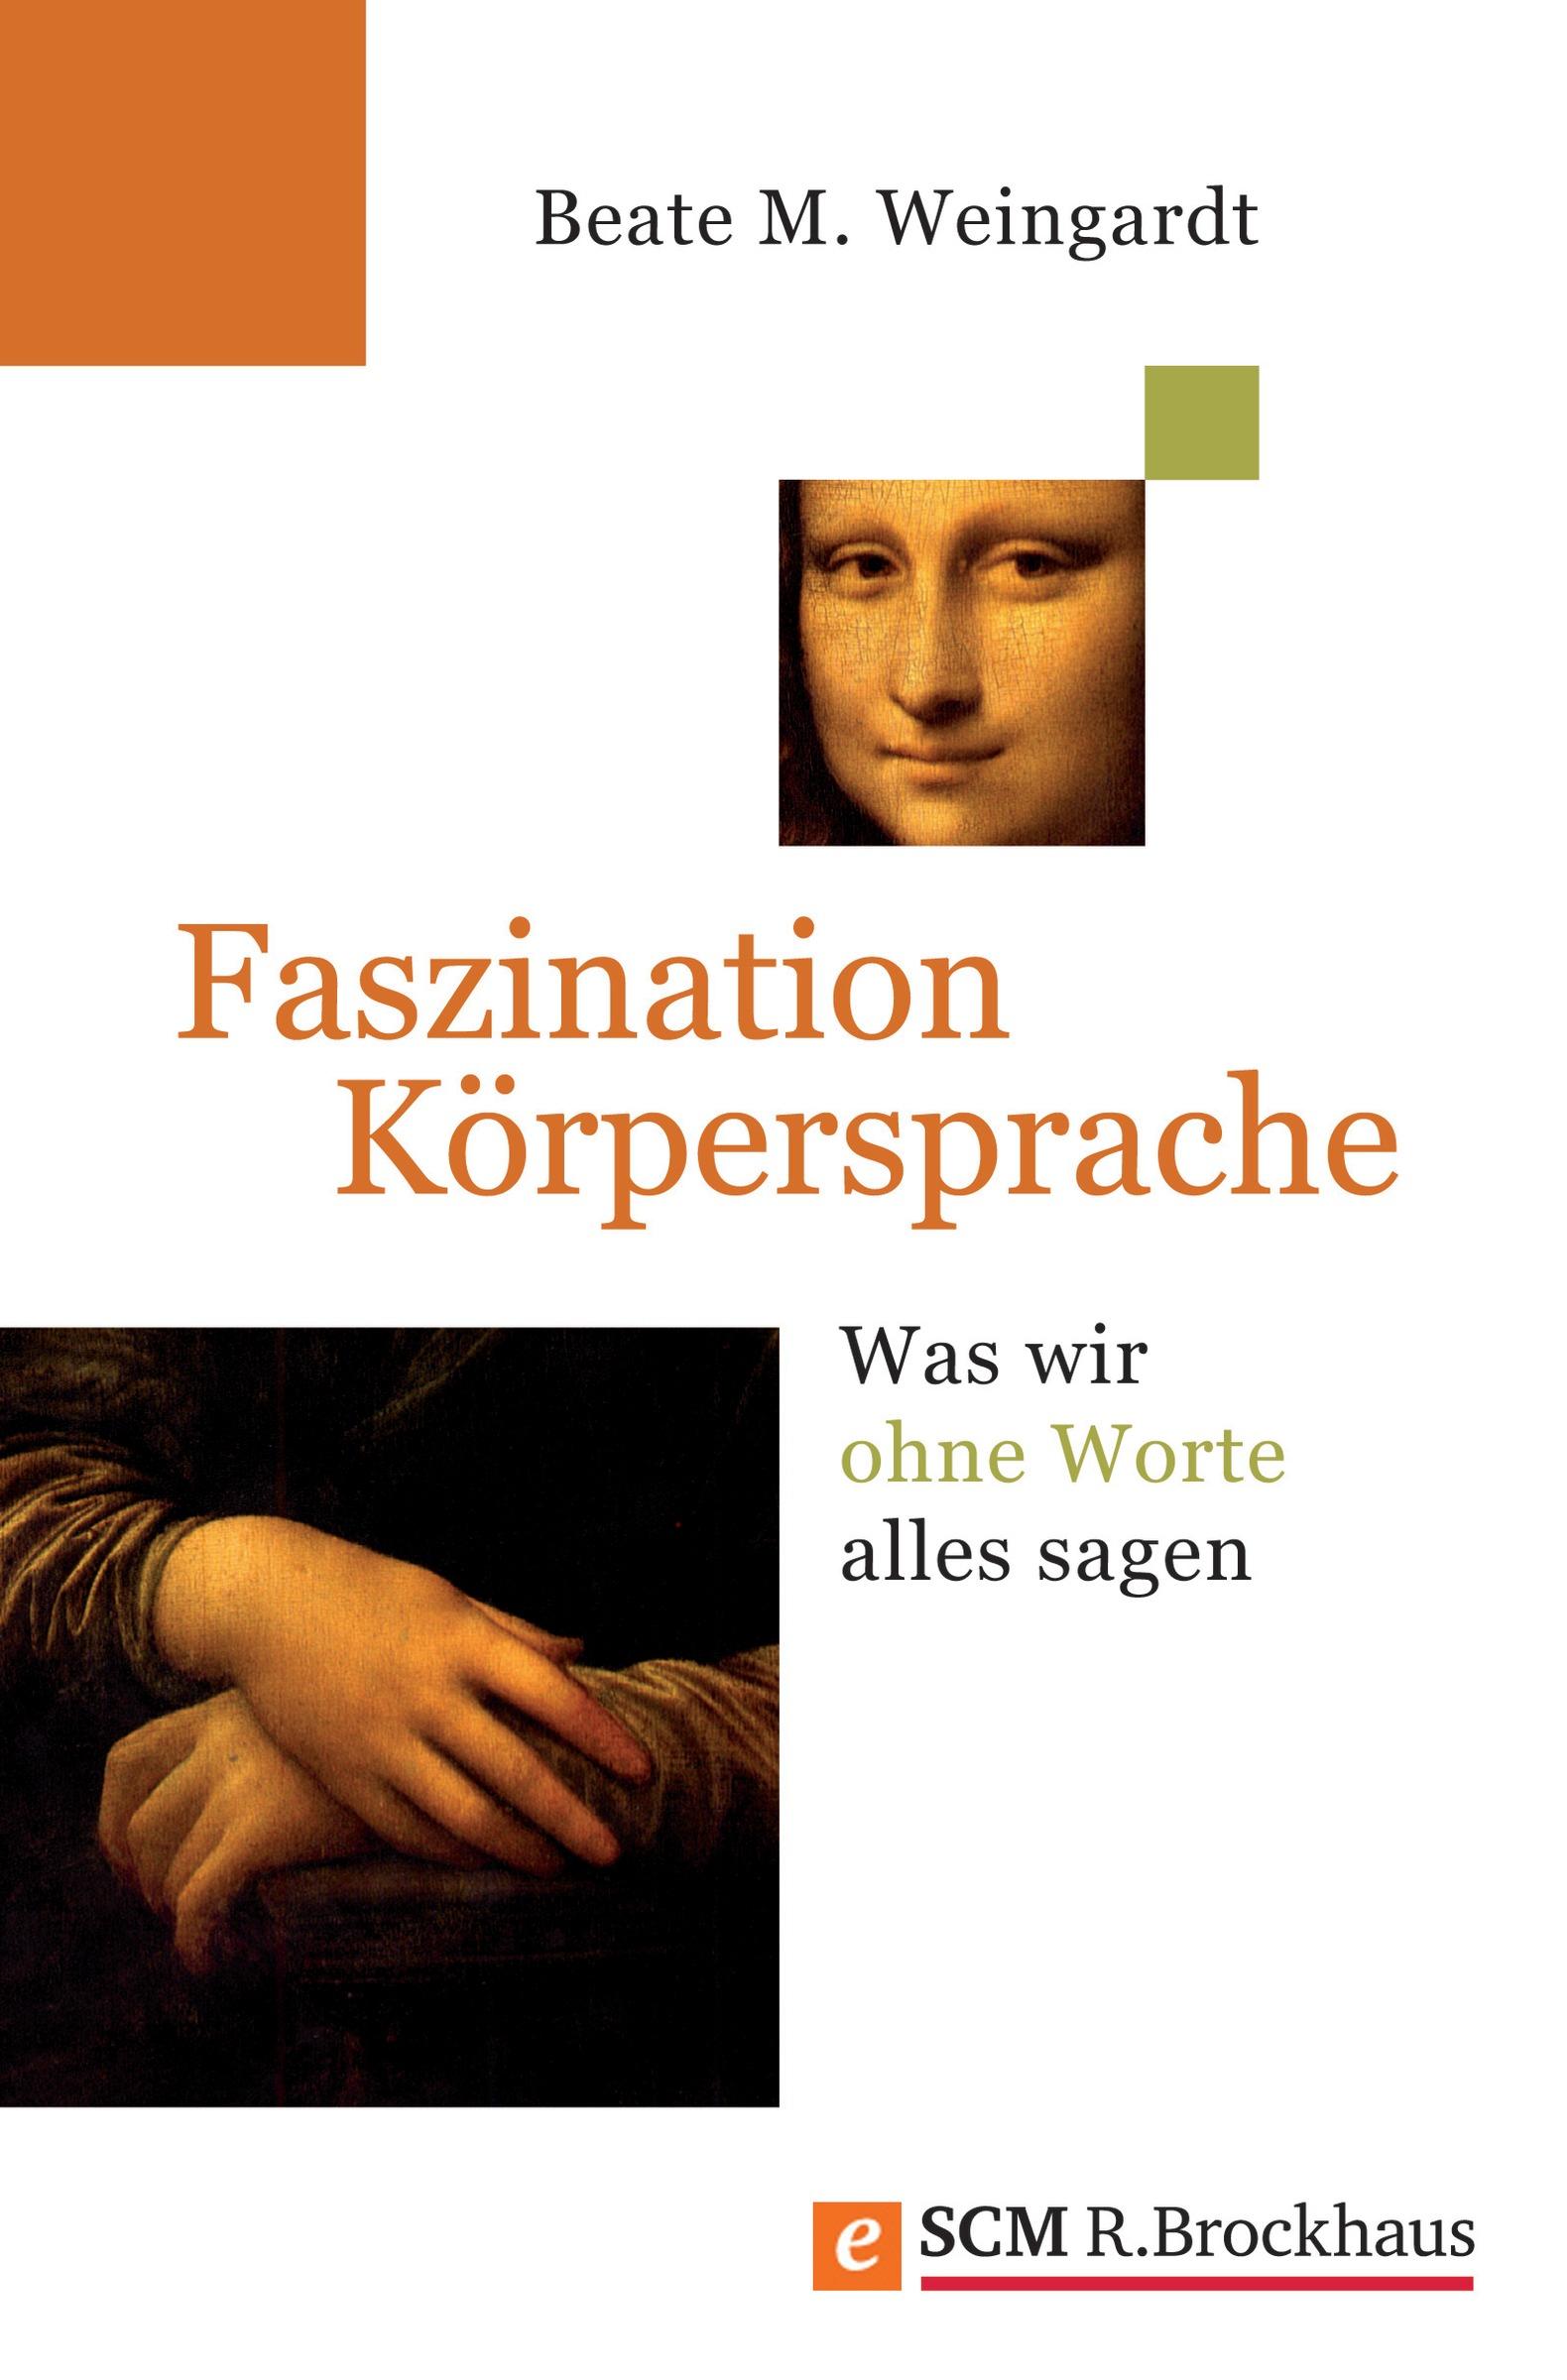 Beate M. Weingardt Faszination Körpersprache